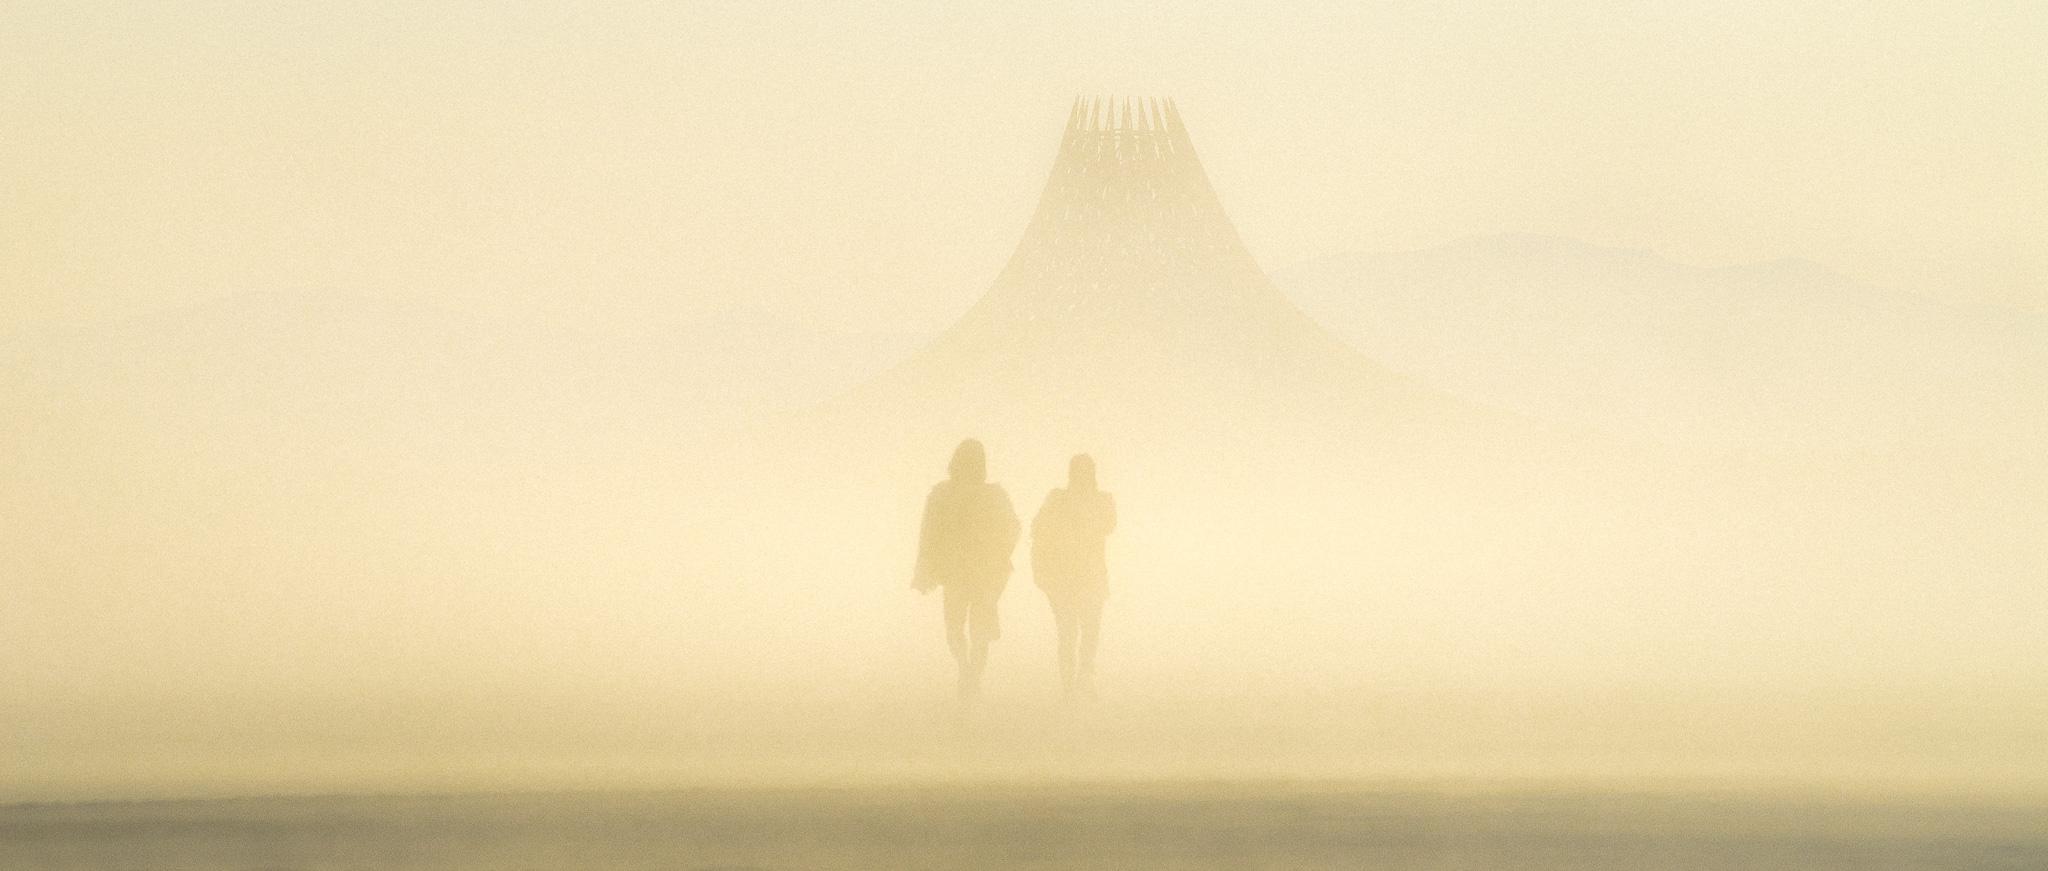 Martian Mornings. Black Rock City, NV.